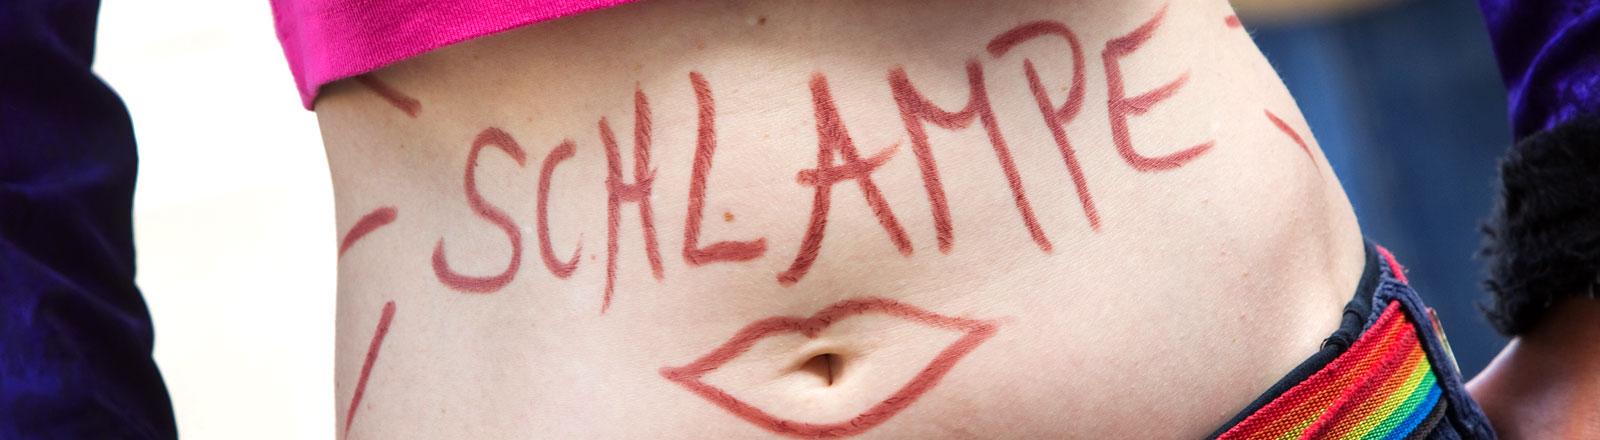 """Eine Frau, die an einem Slutwalk teilnimmt und sich das Wort """"Schlampe"""" auf den Bauch geschrieben hat."""